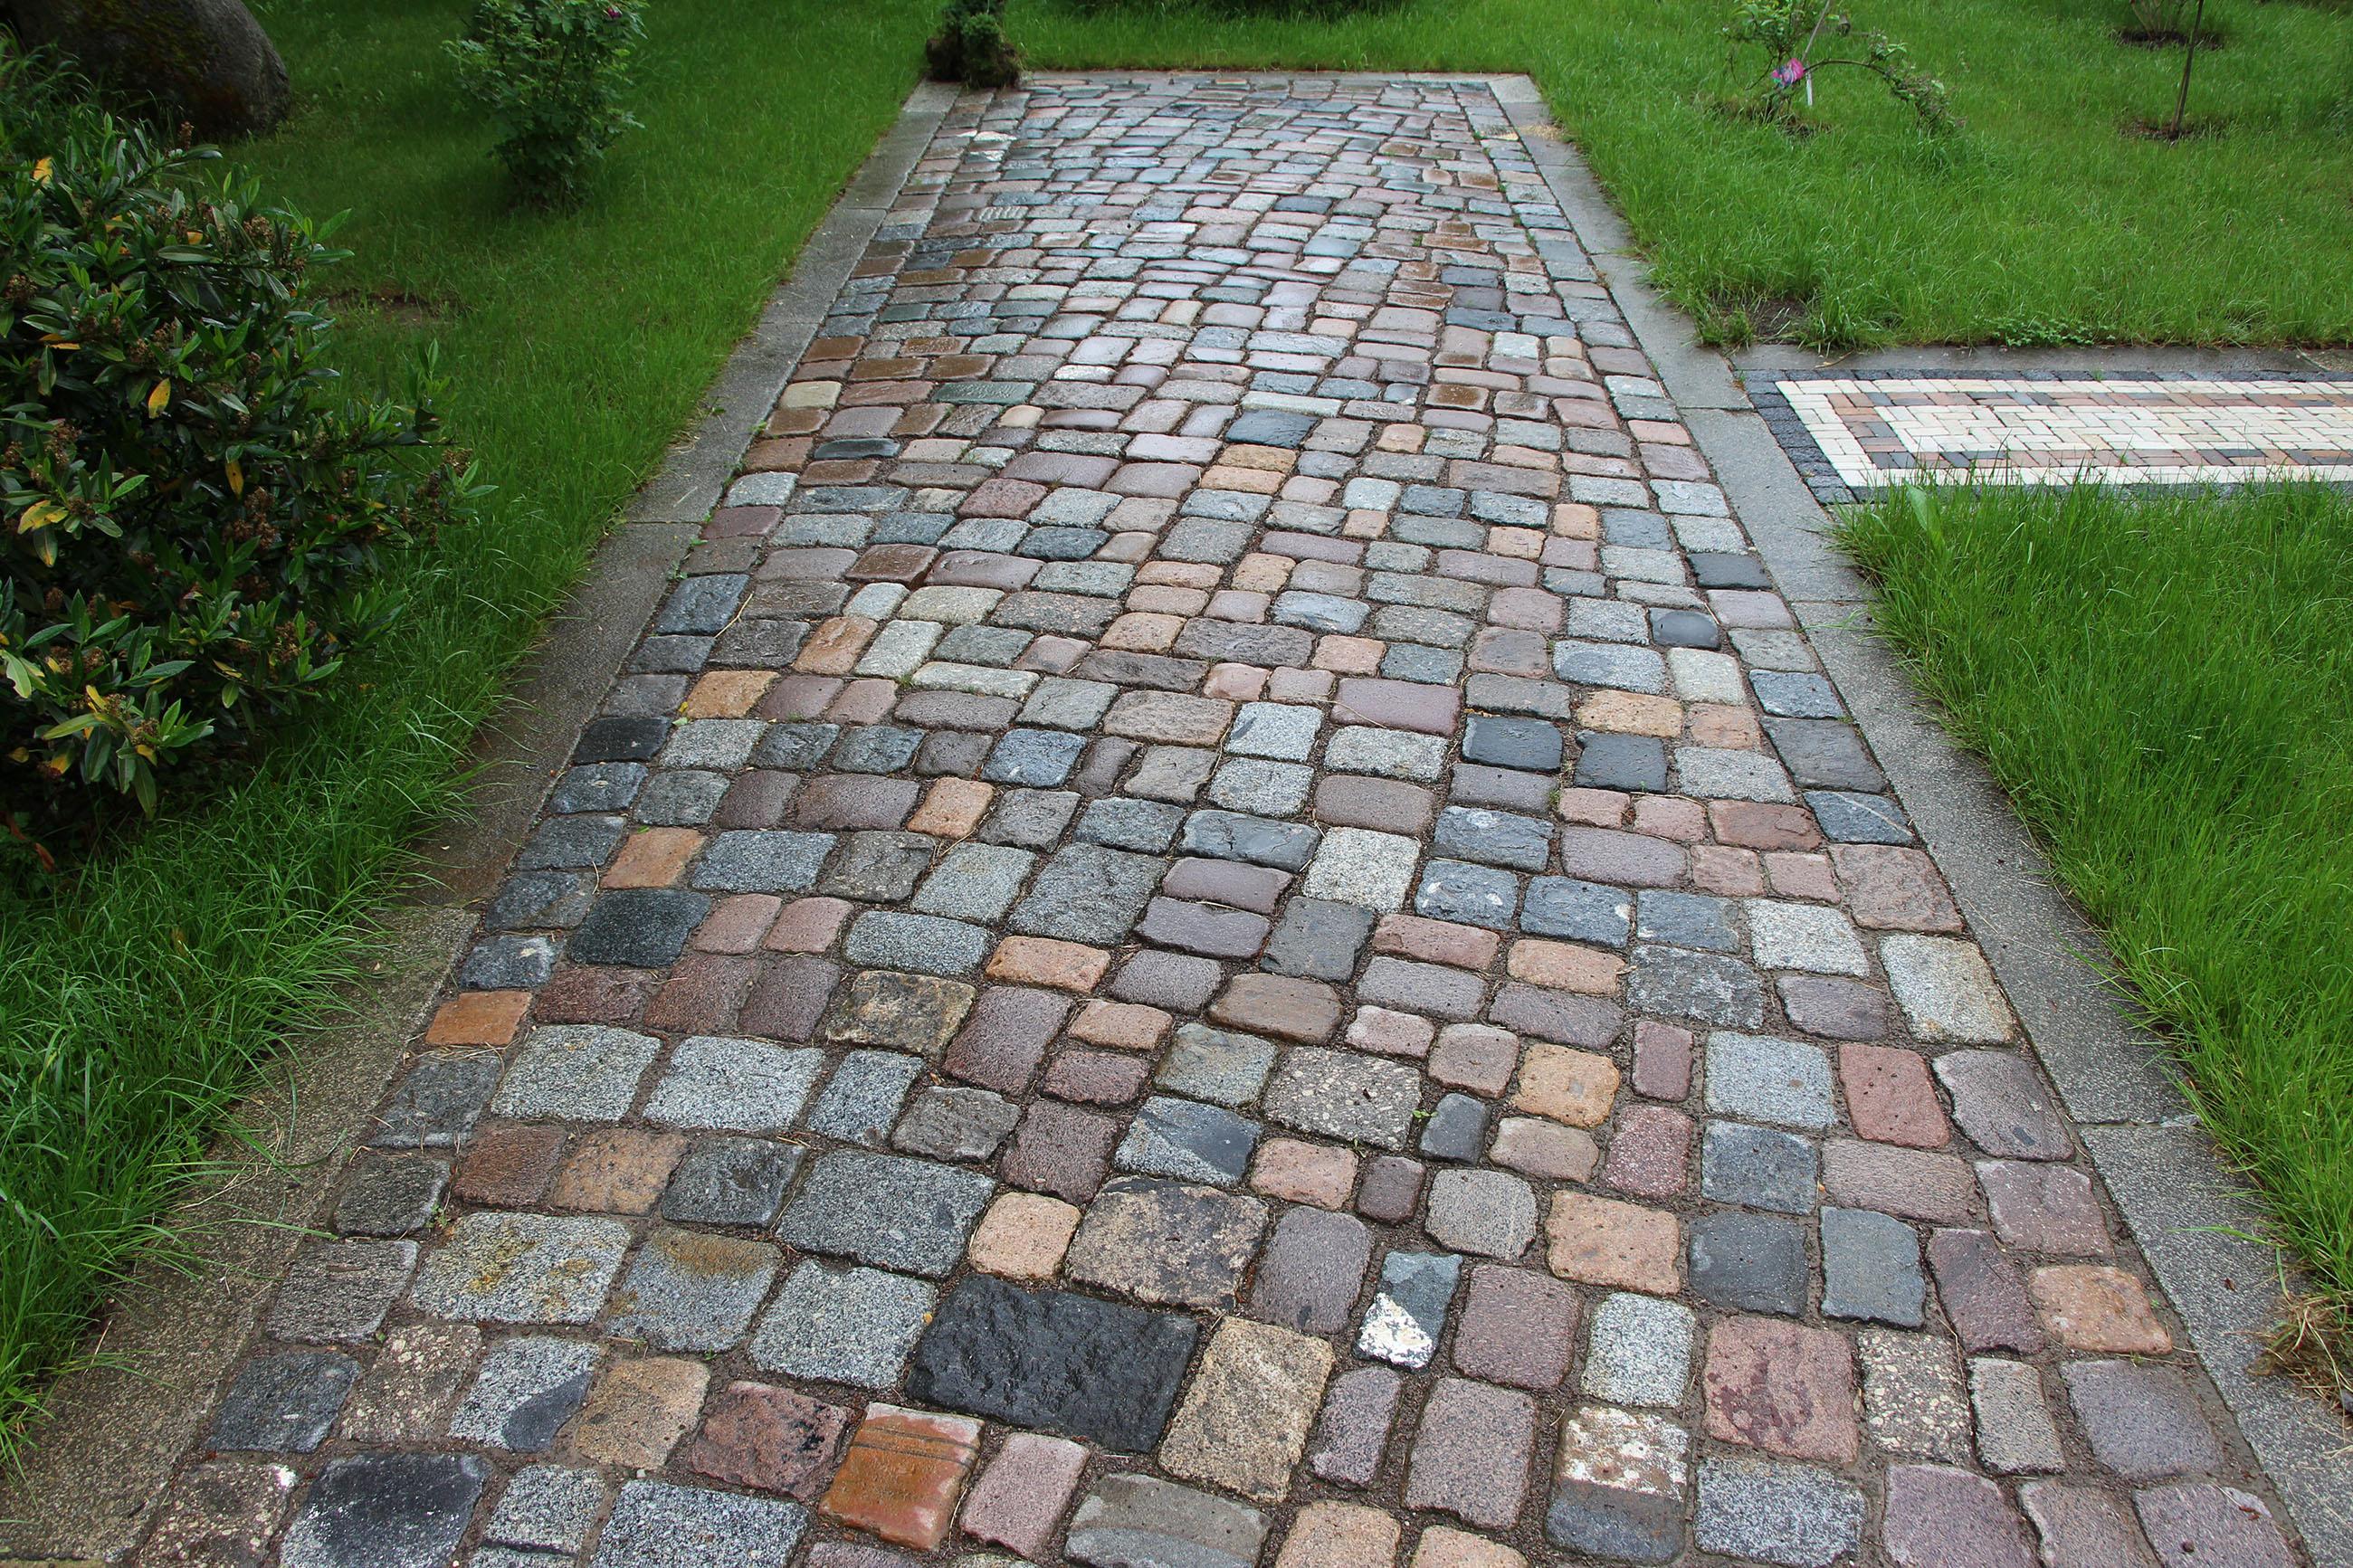 Großpflaster, Granit und andere Pflastersteine, bunt, gebraucht, reihenfähig, Natursteinpflaster